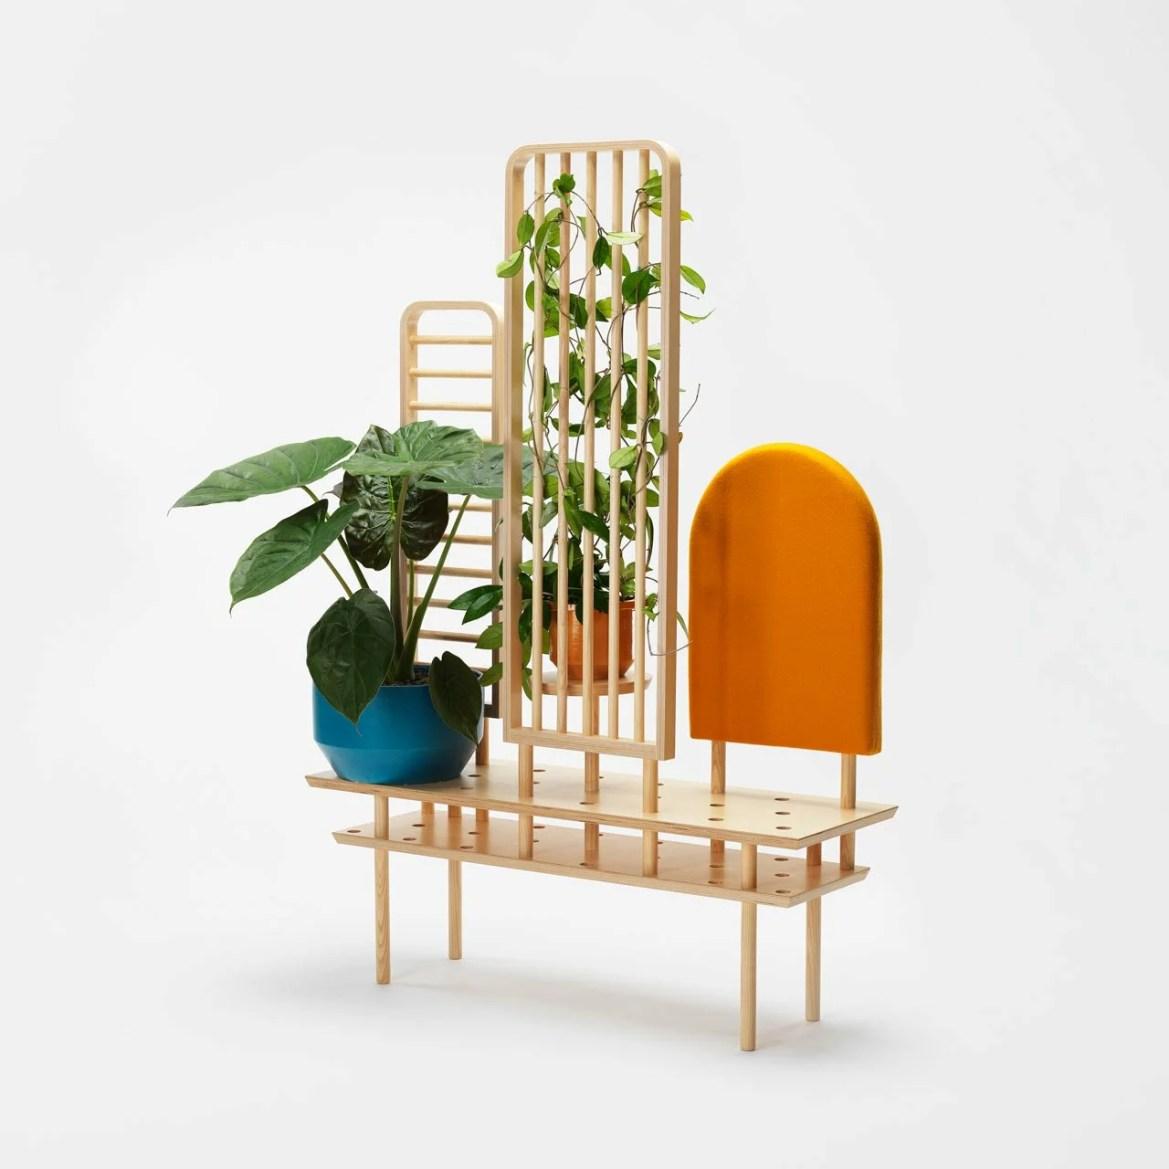 Design végétal, Zilio A&C, Dossofiorito, Etta